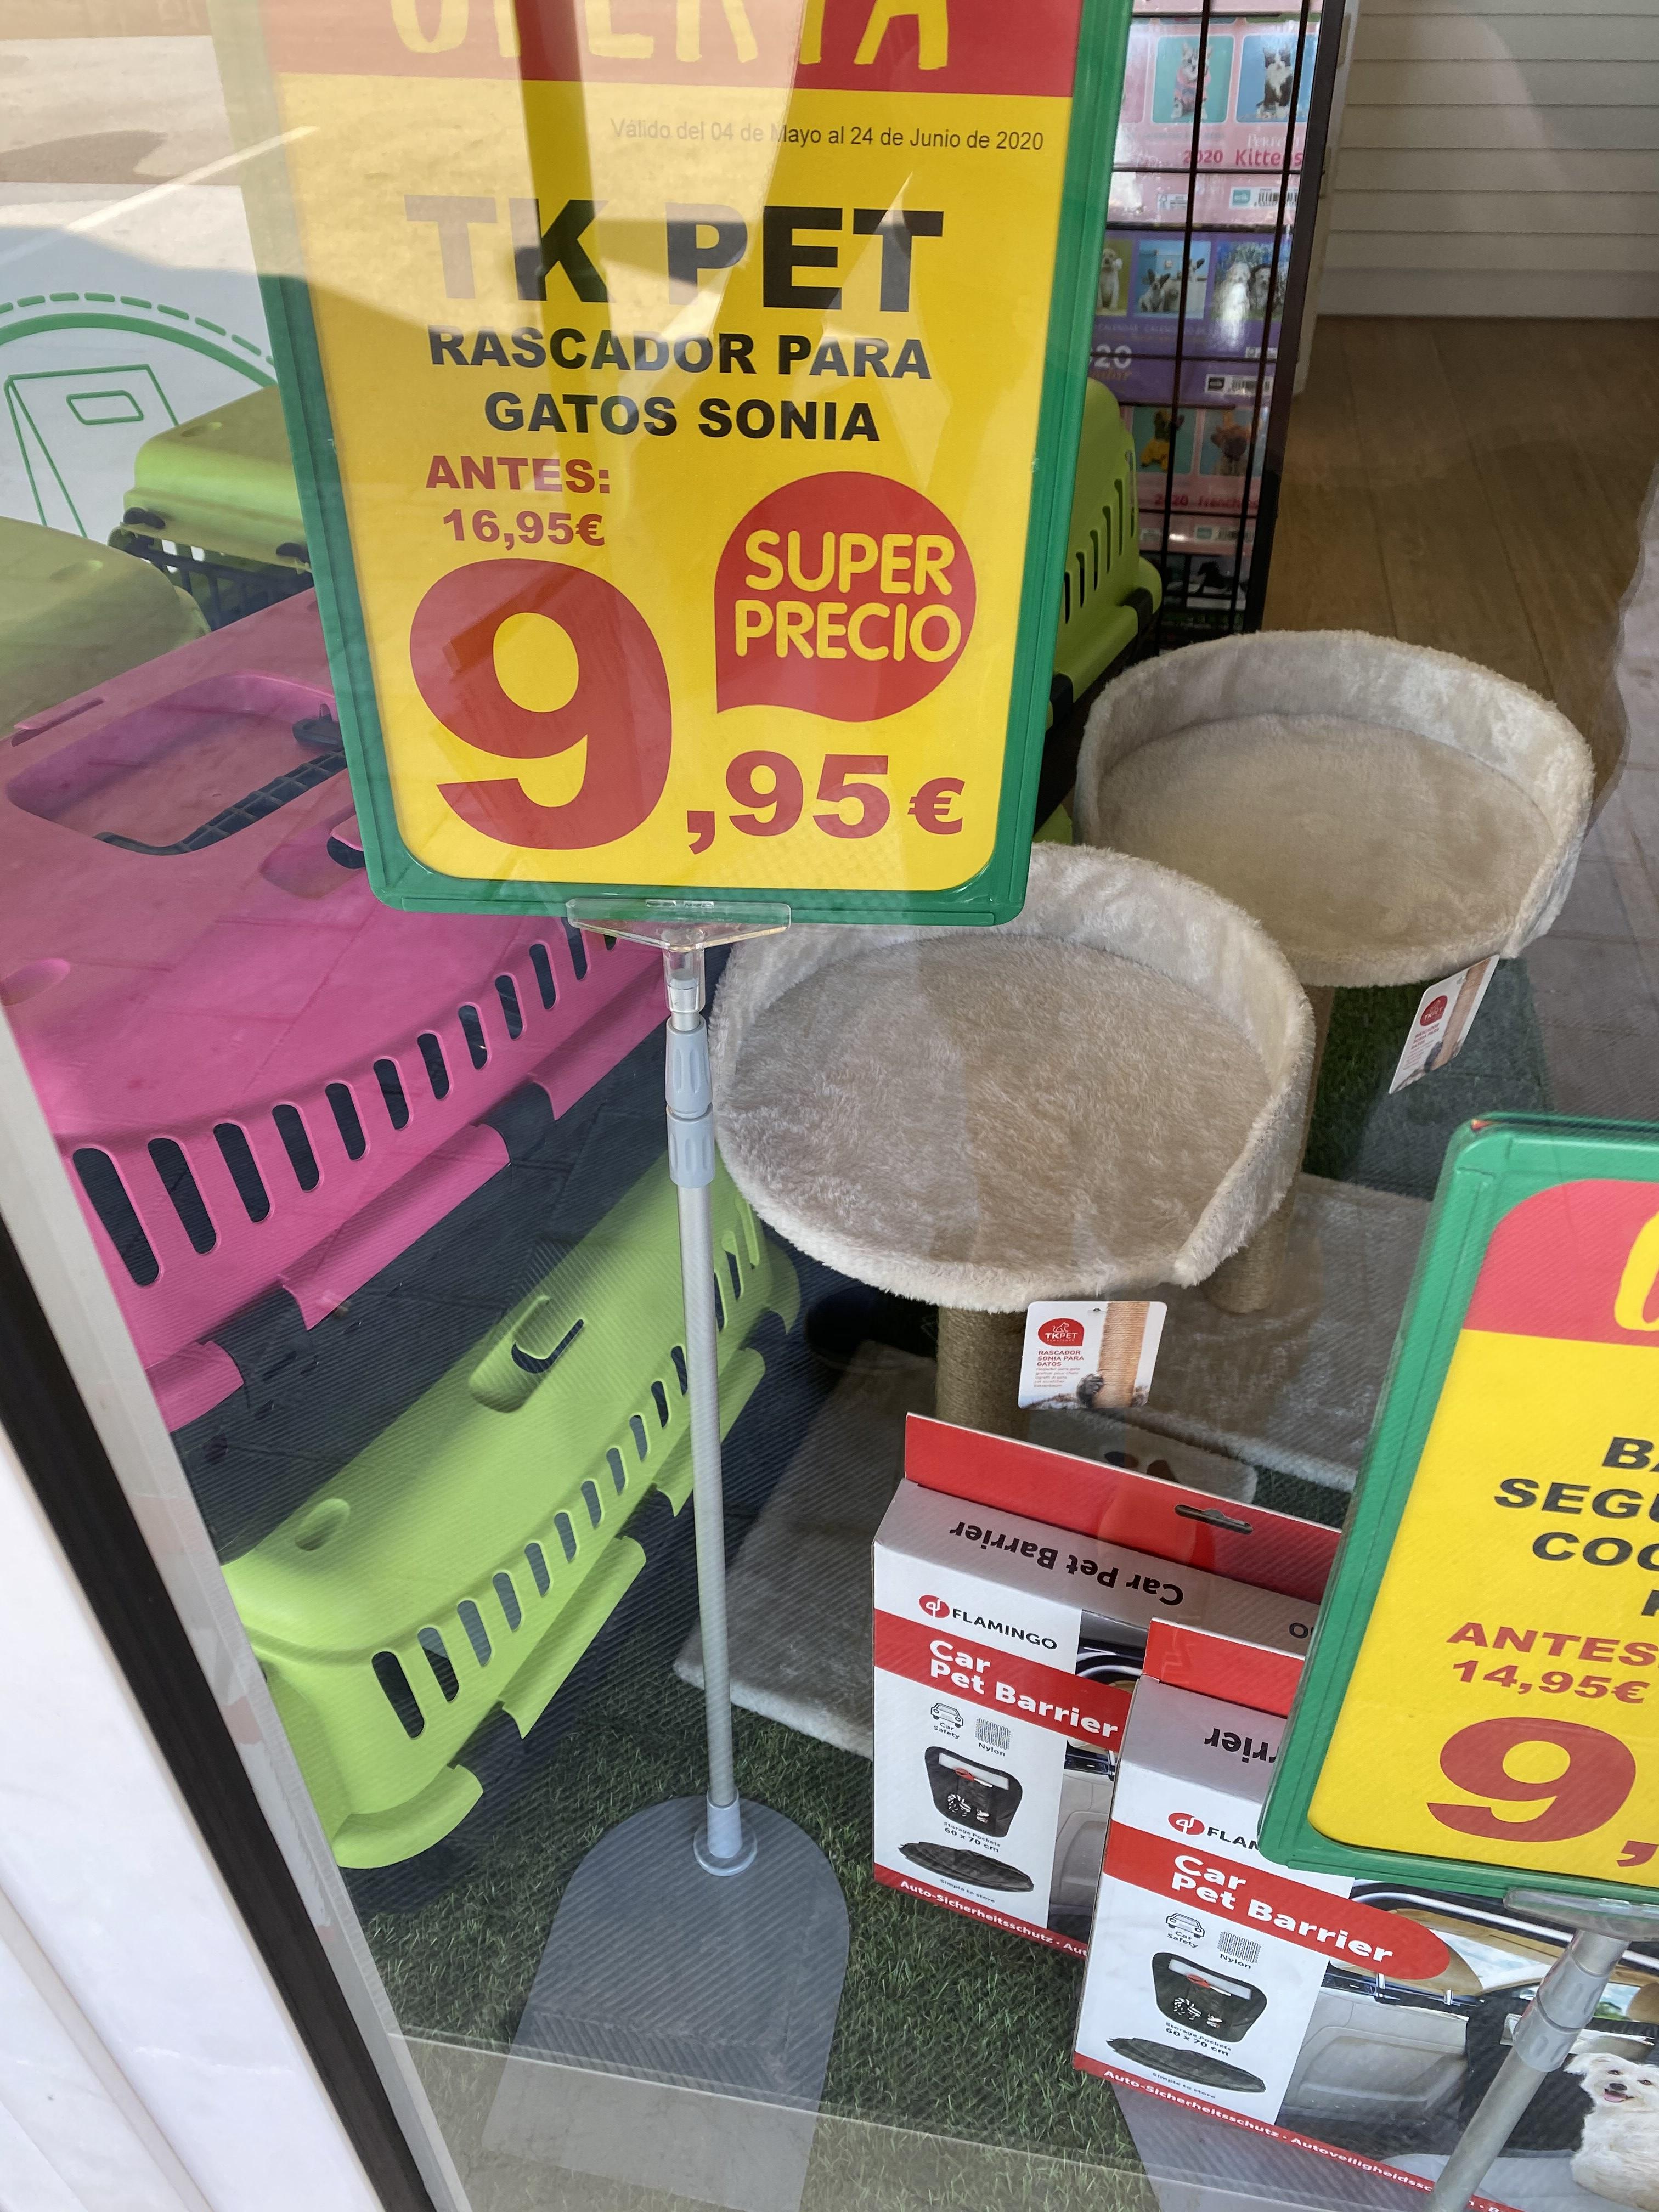 Rascador para gatos por 9.95€ (y más cosas) en Tienda Animal de Burjassot de Valencia